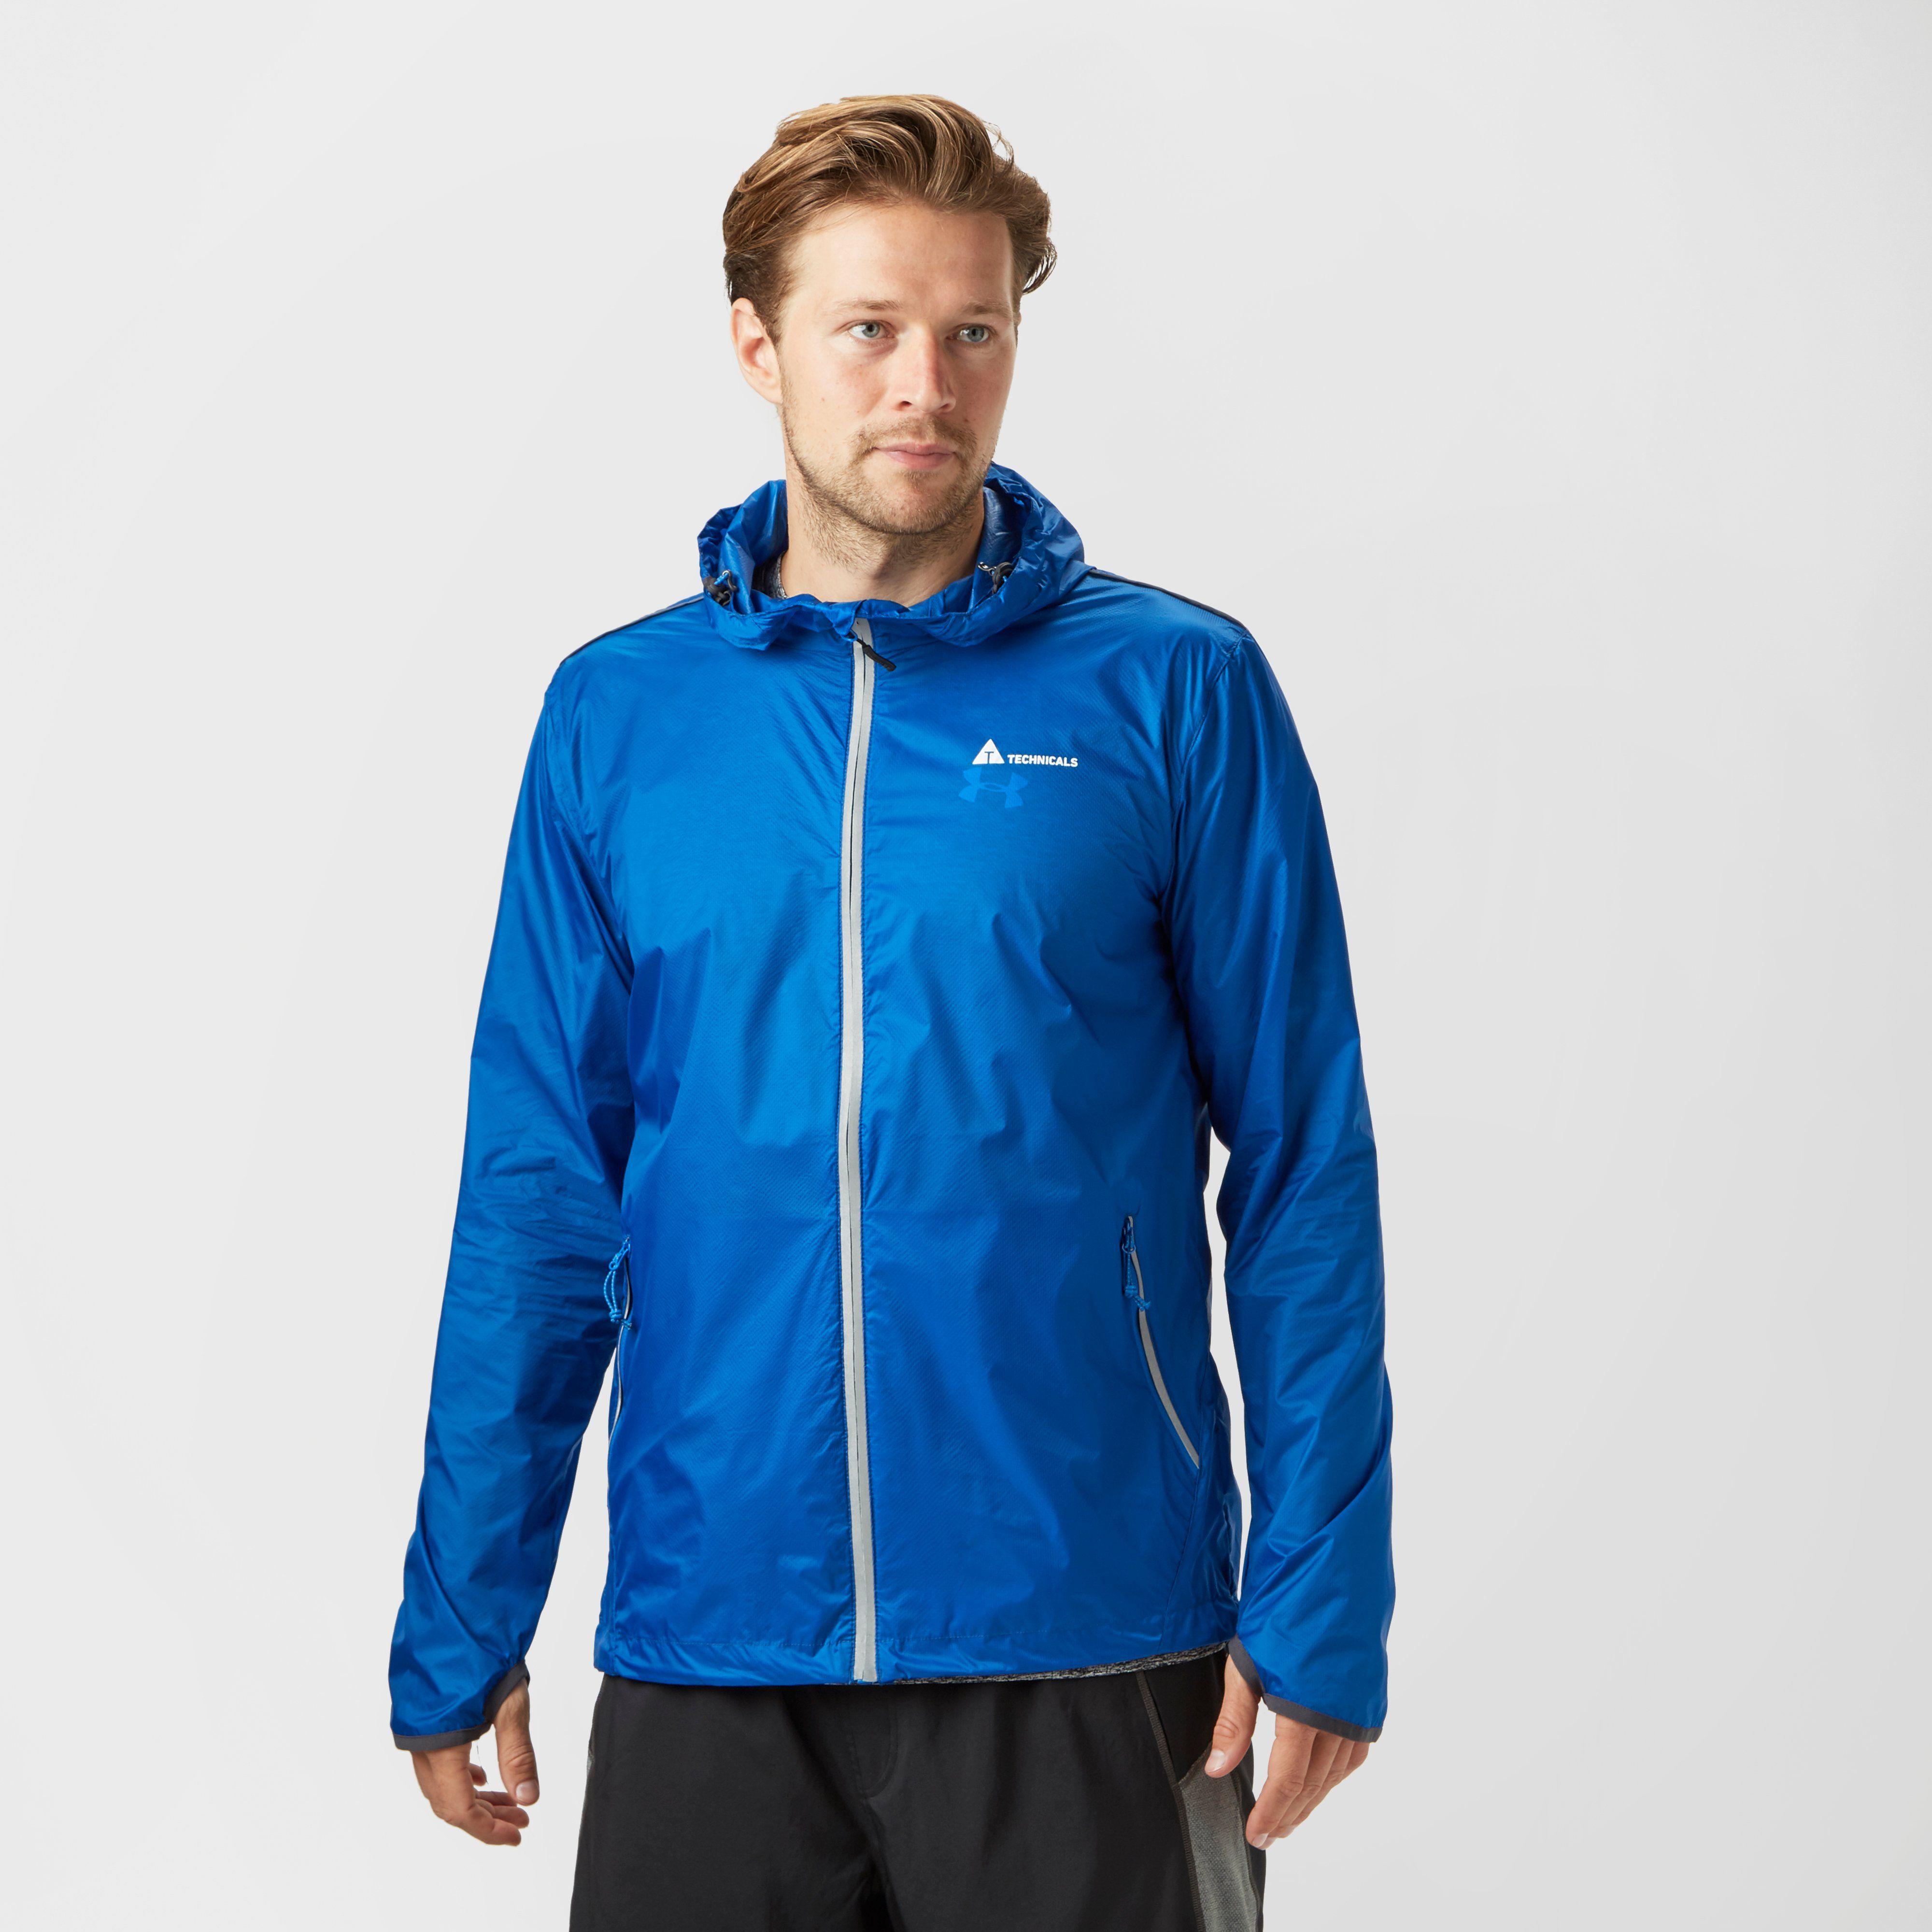 TECHNICALS Men's Running Jacket